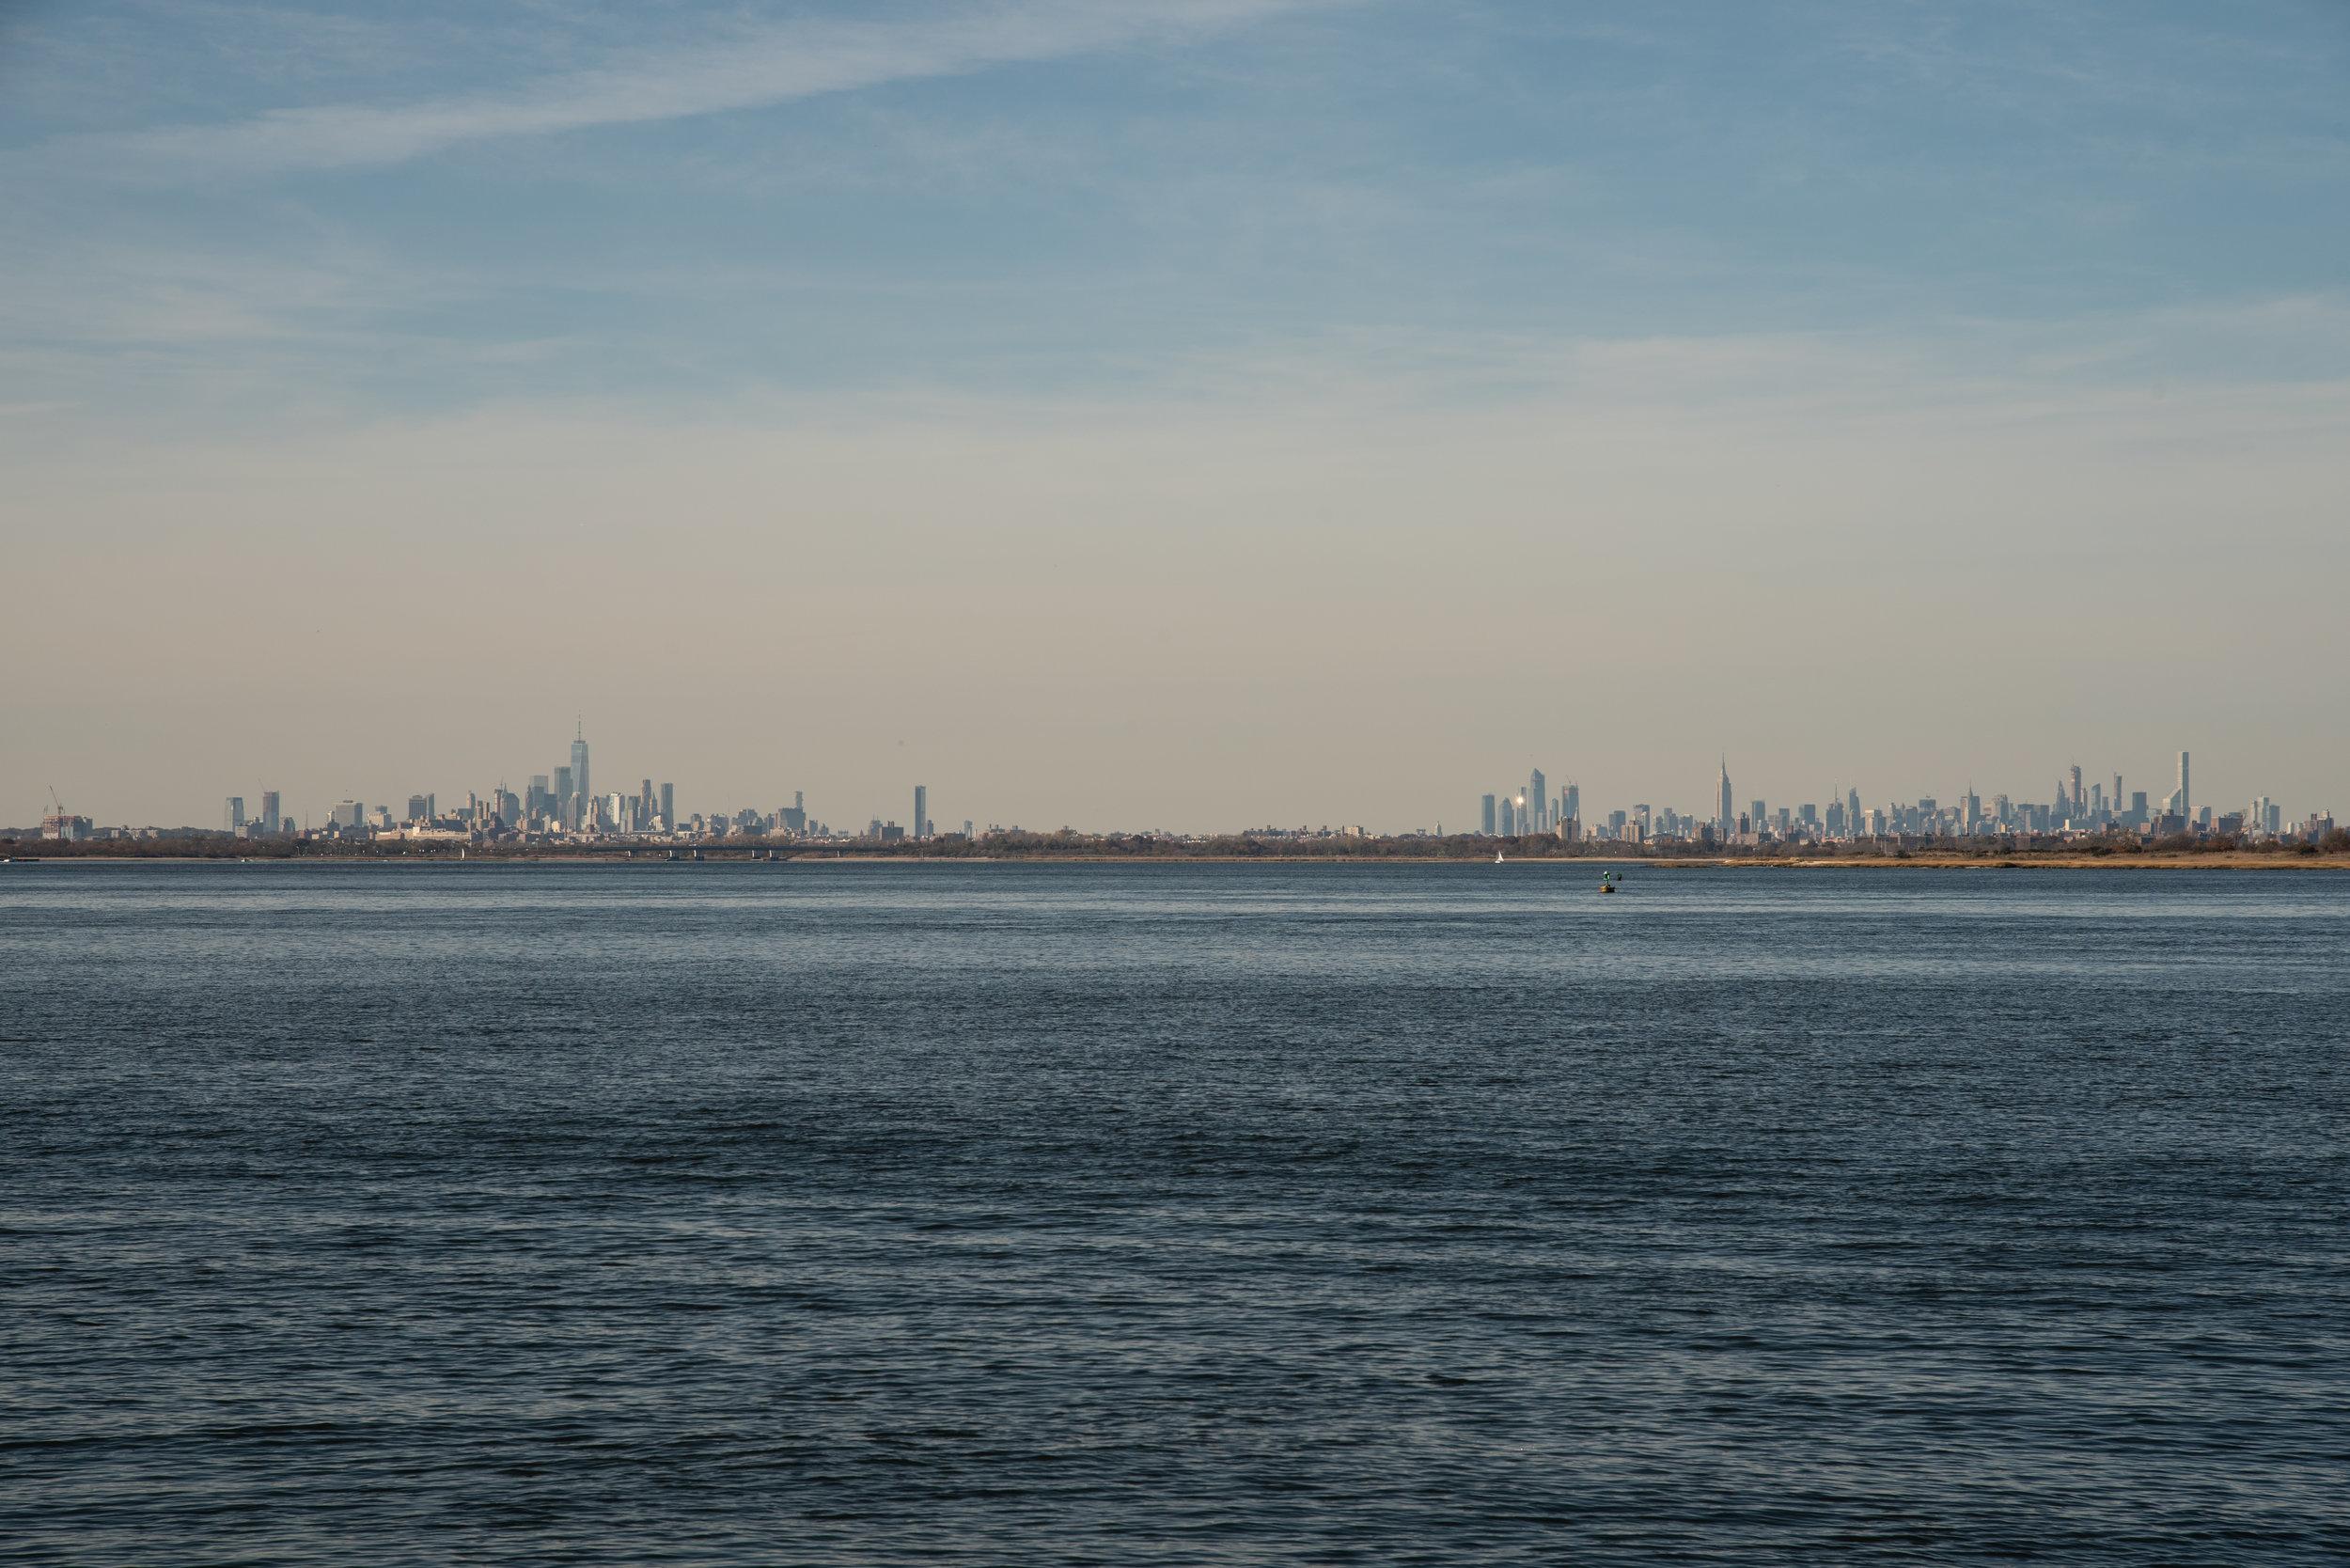 Somewhere in Far Rockaway, New York